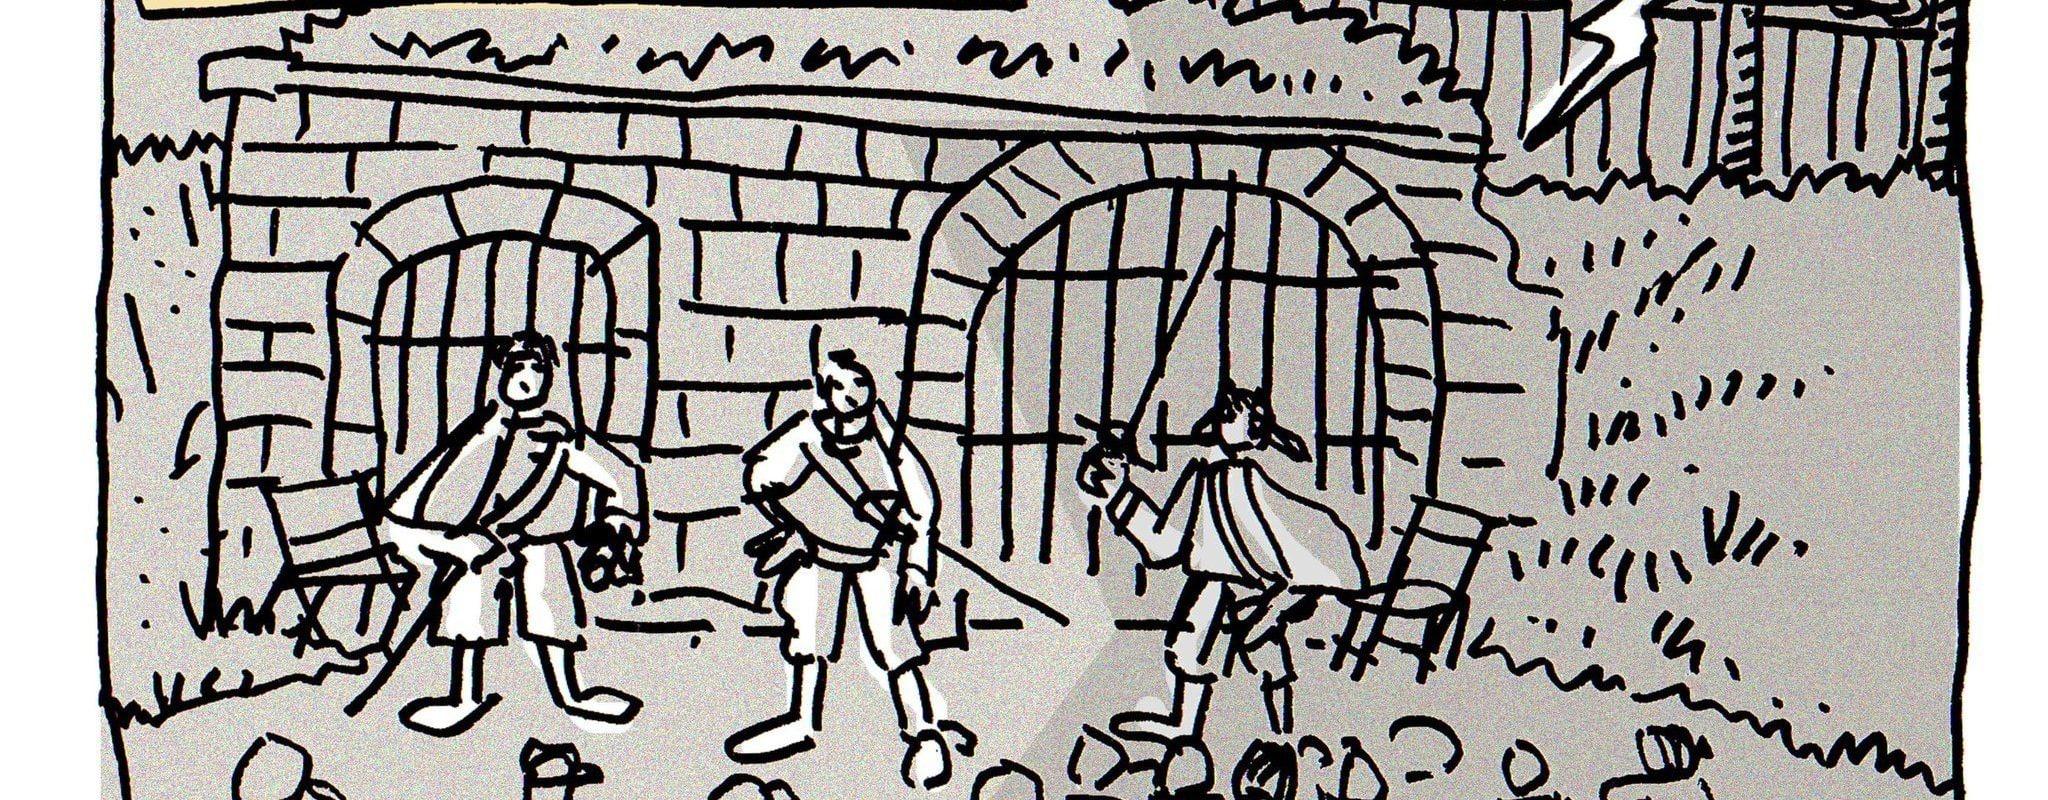 Les mousquetaires à la Citadelle